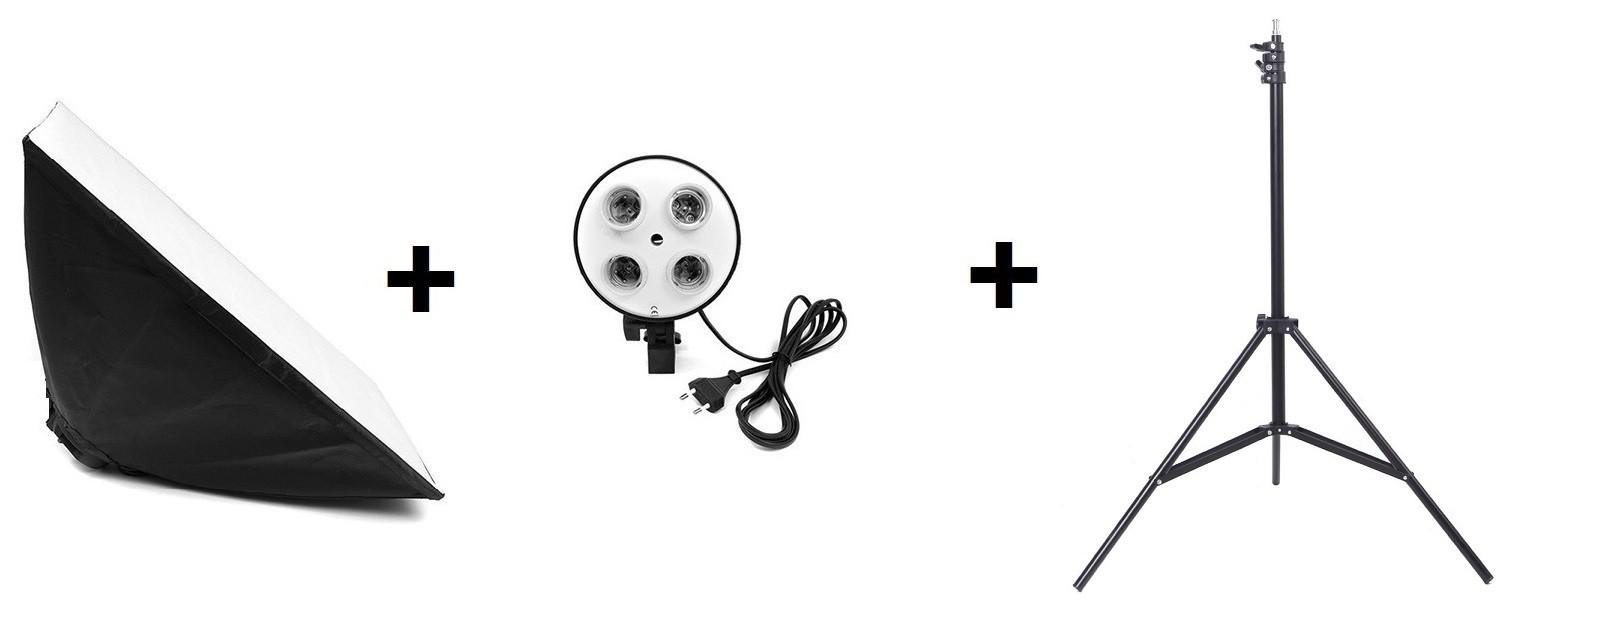 Kit 3x1: Soquete quadruplo + Softbox 50x70cm + Tripé 2M